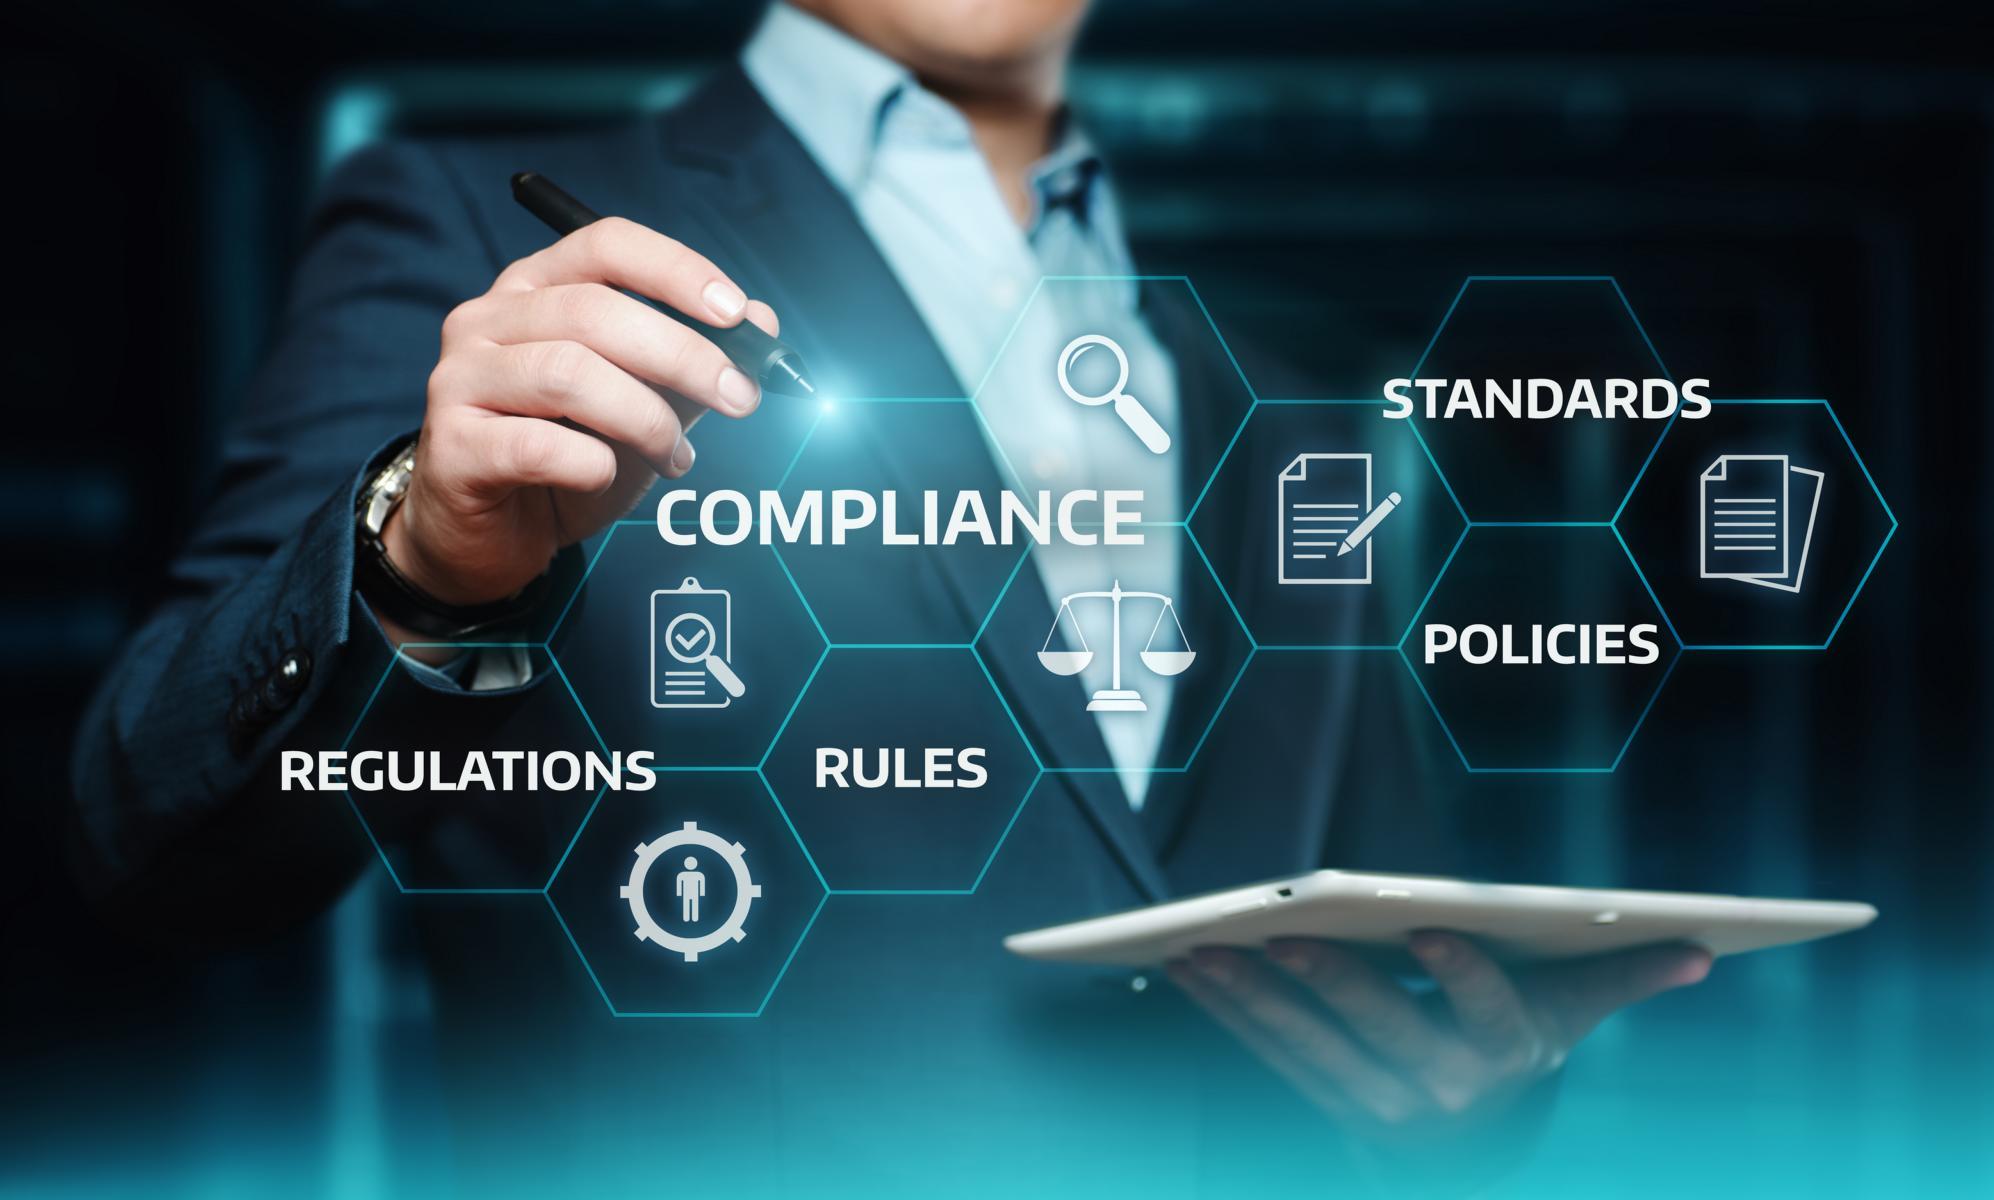 Qualitätsmanagement versteht Qualität als Ergebnis von Compliance mit Standards, Normen, Regularien